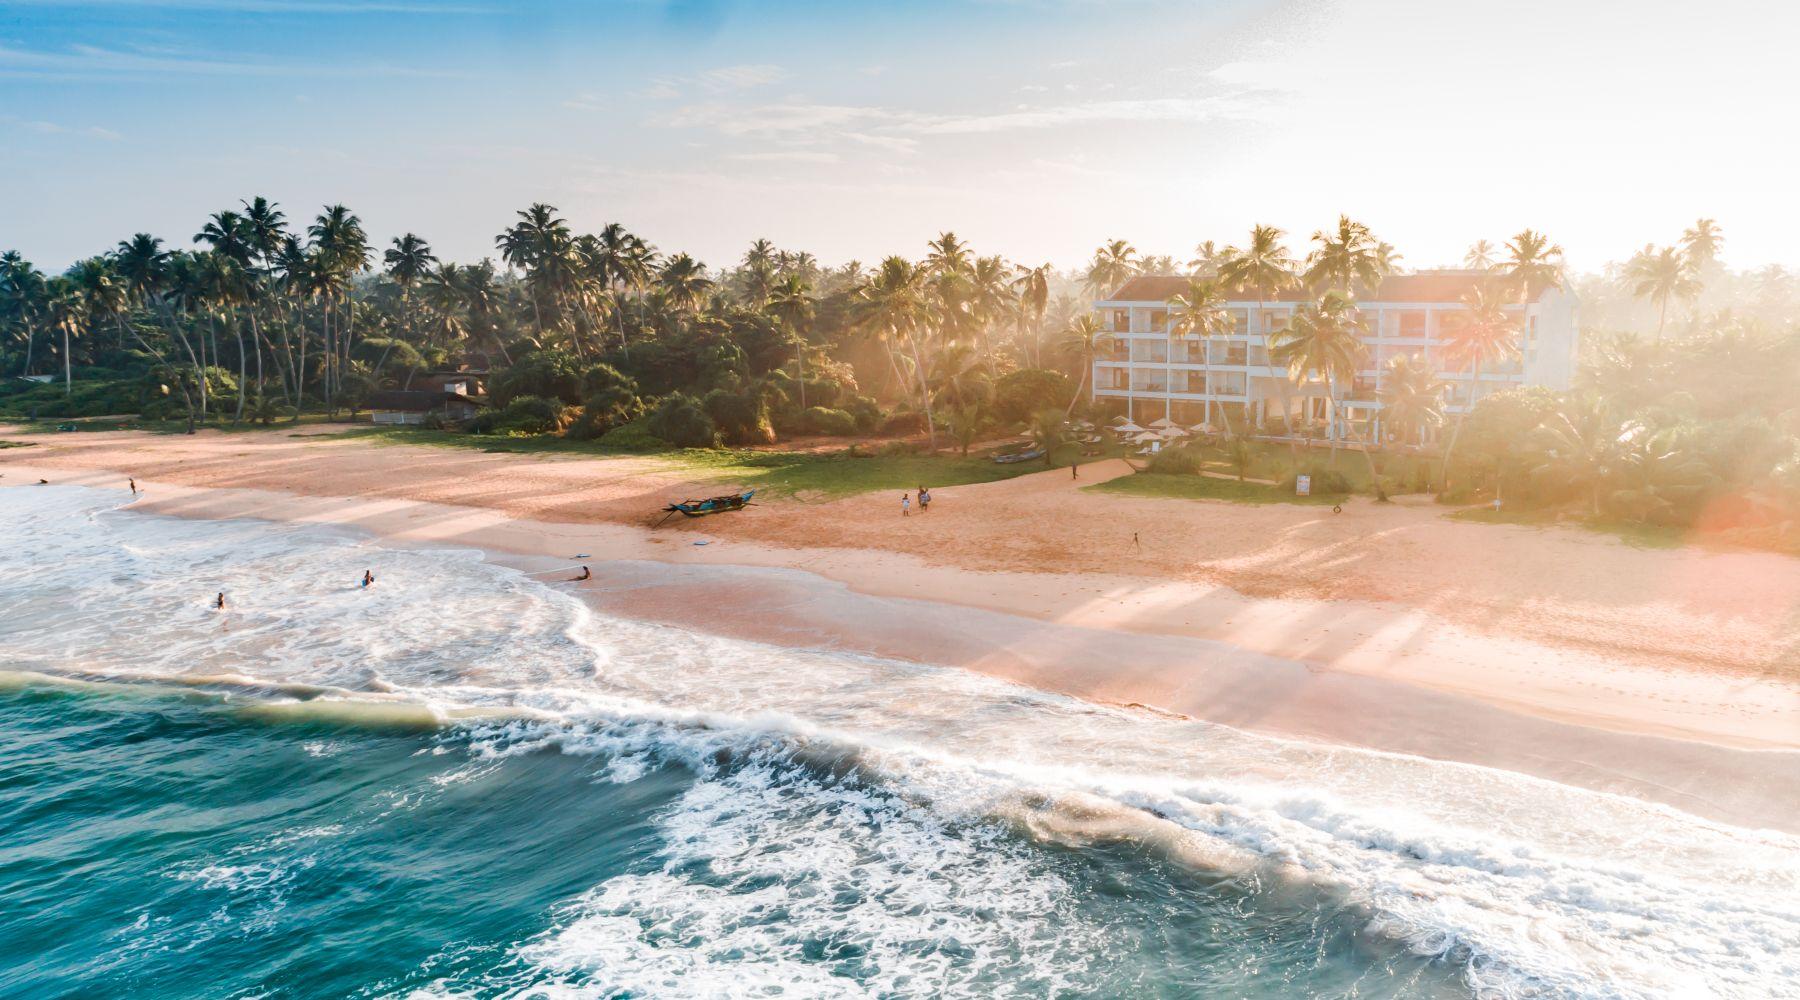 Shinagawa Beach by Asia Leisure, Sri Lanka